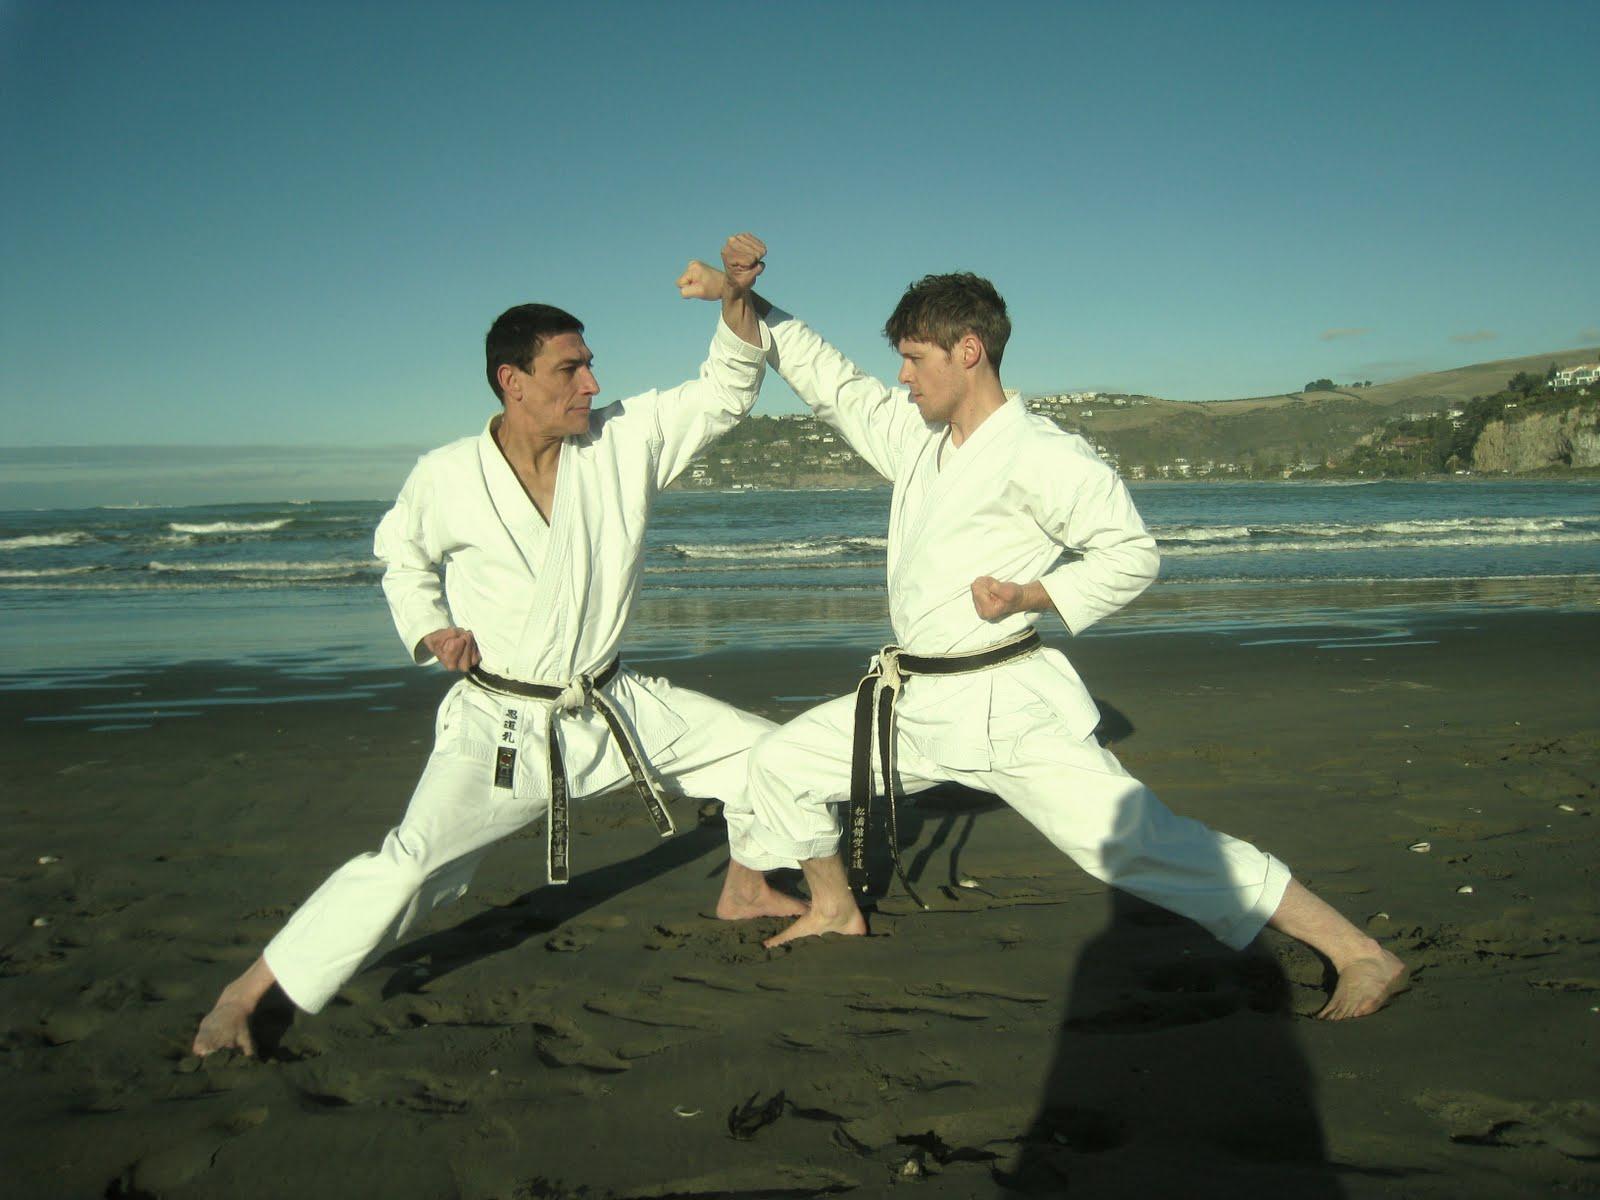 """Résultat de recherche d'images pour """"gohon kumite karate"""""""